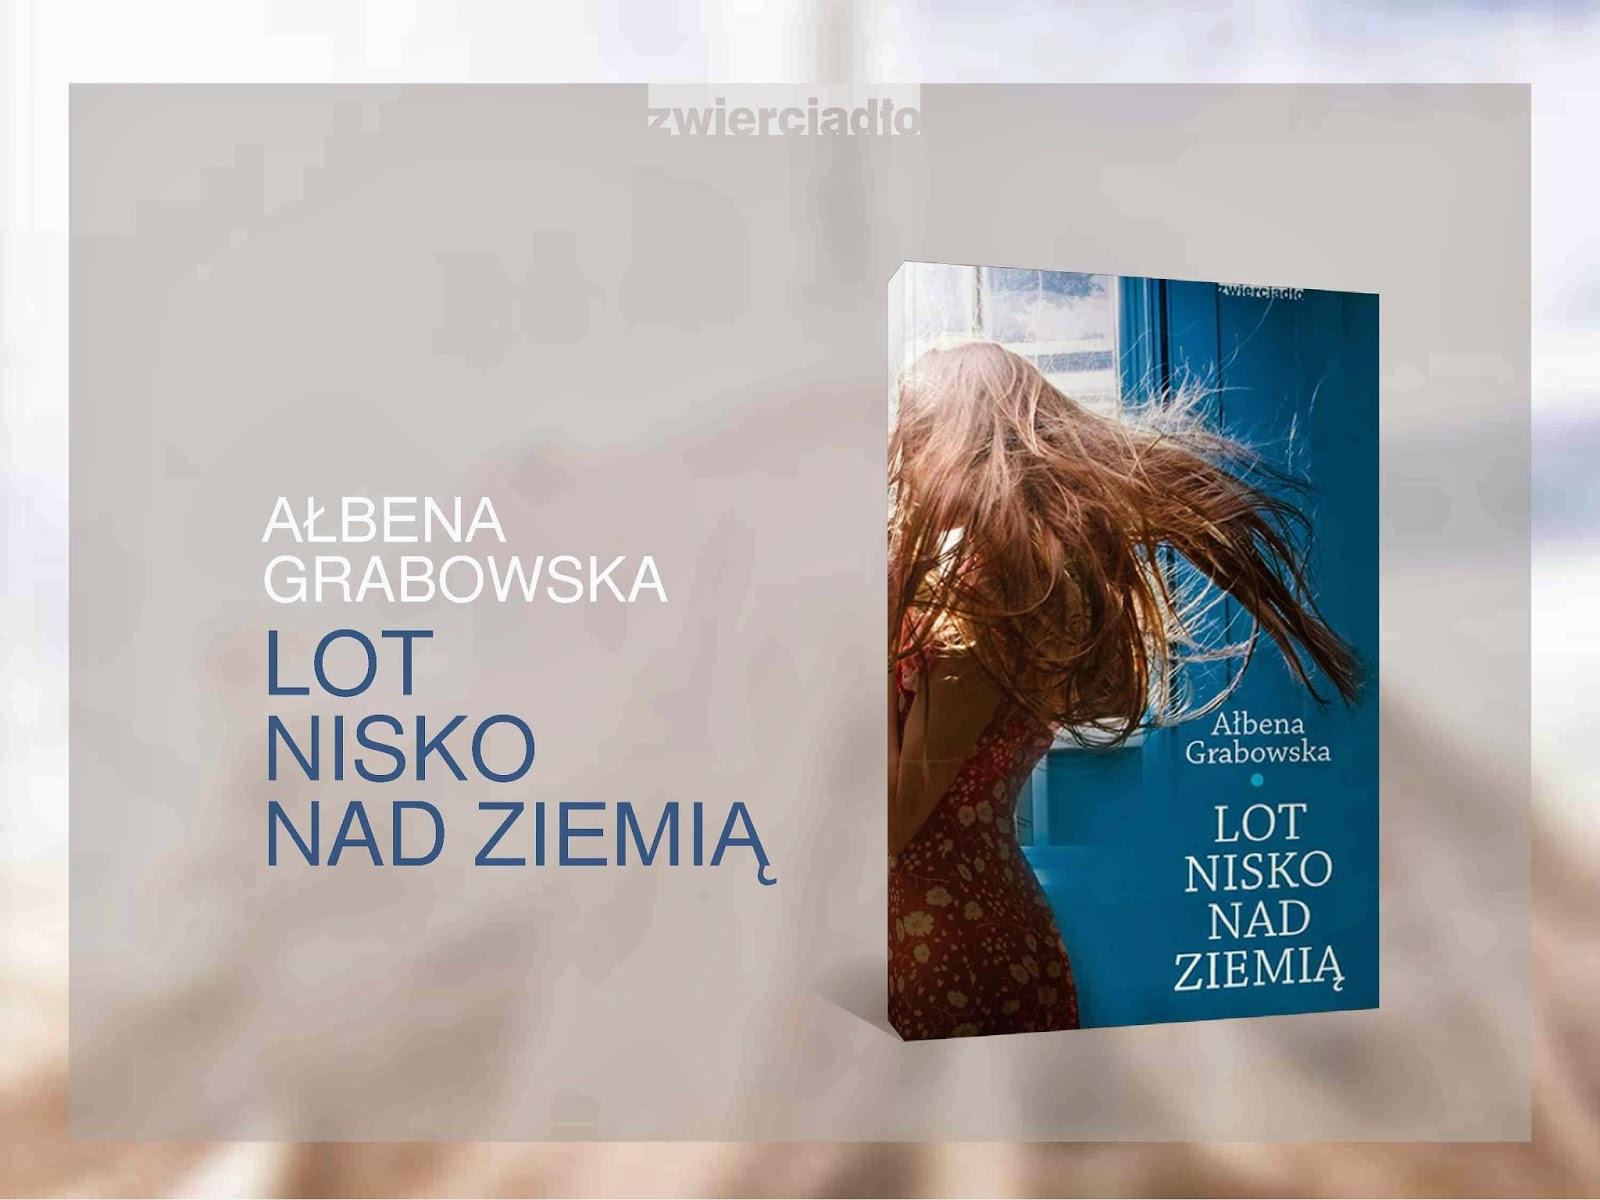 Ałbena Grabowska-Grzyb powraca z nową książką!